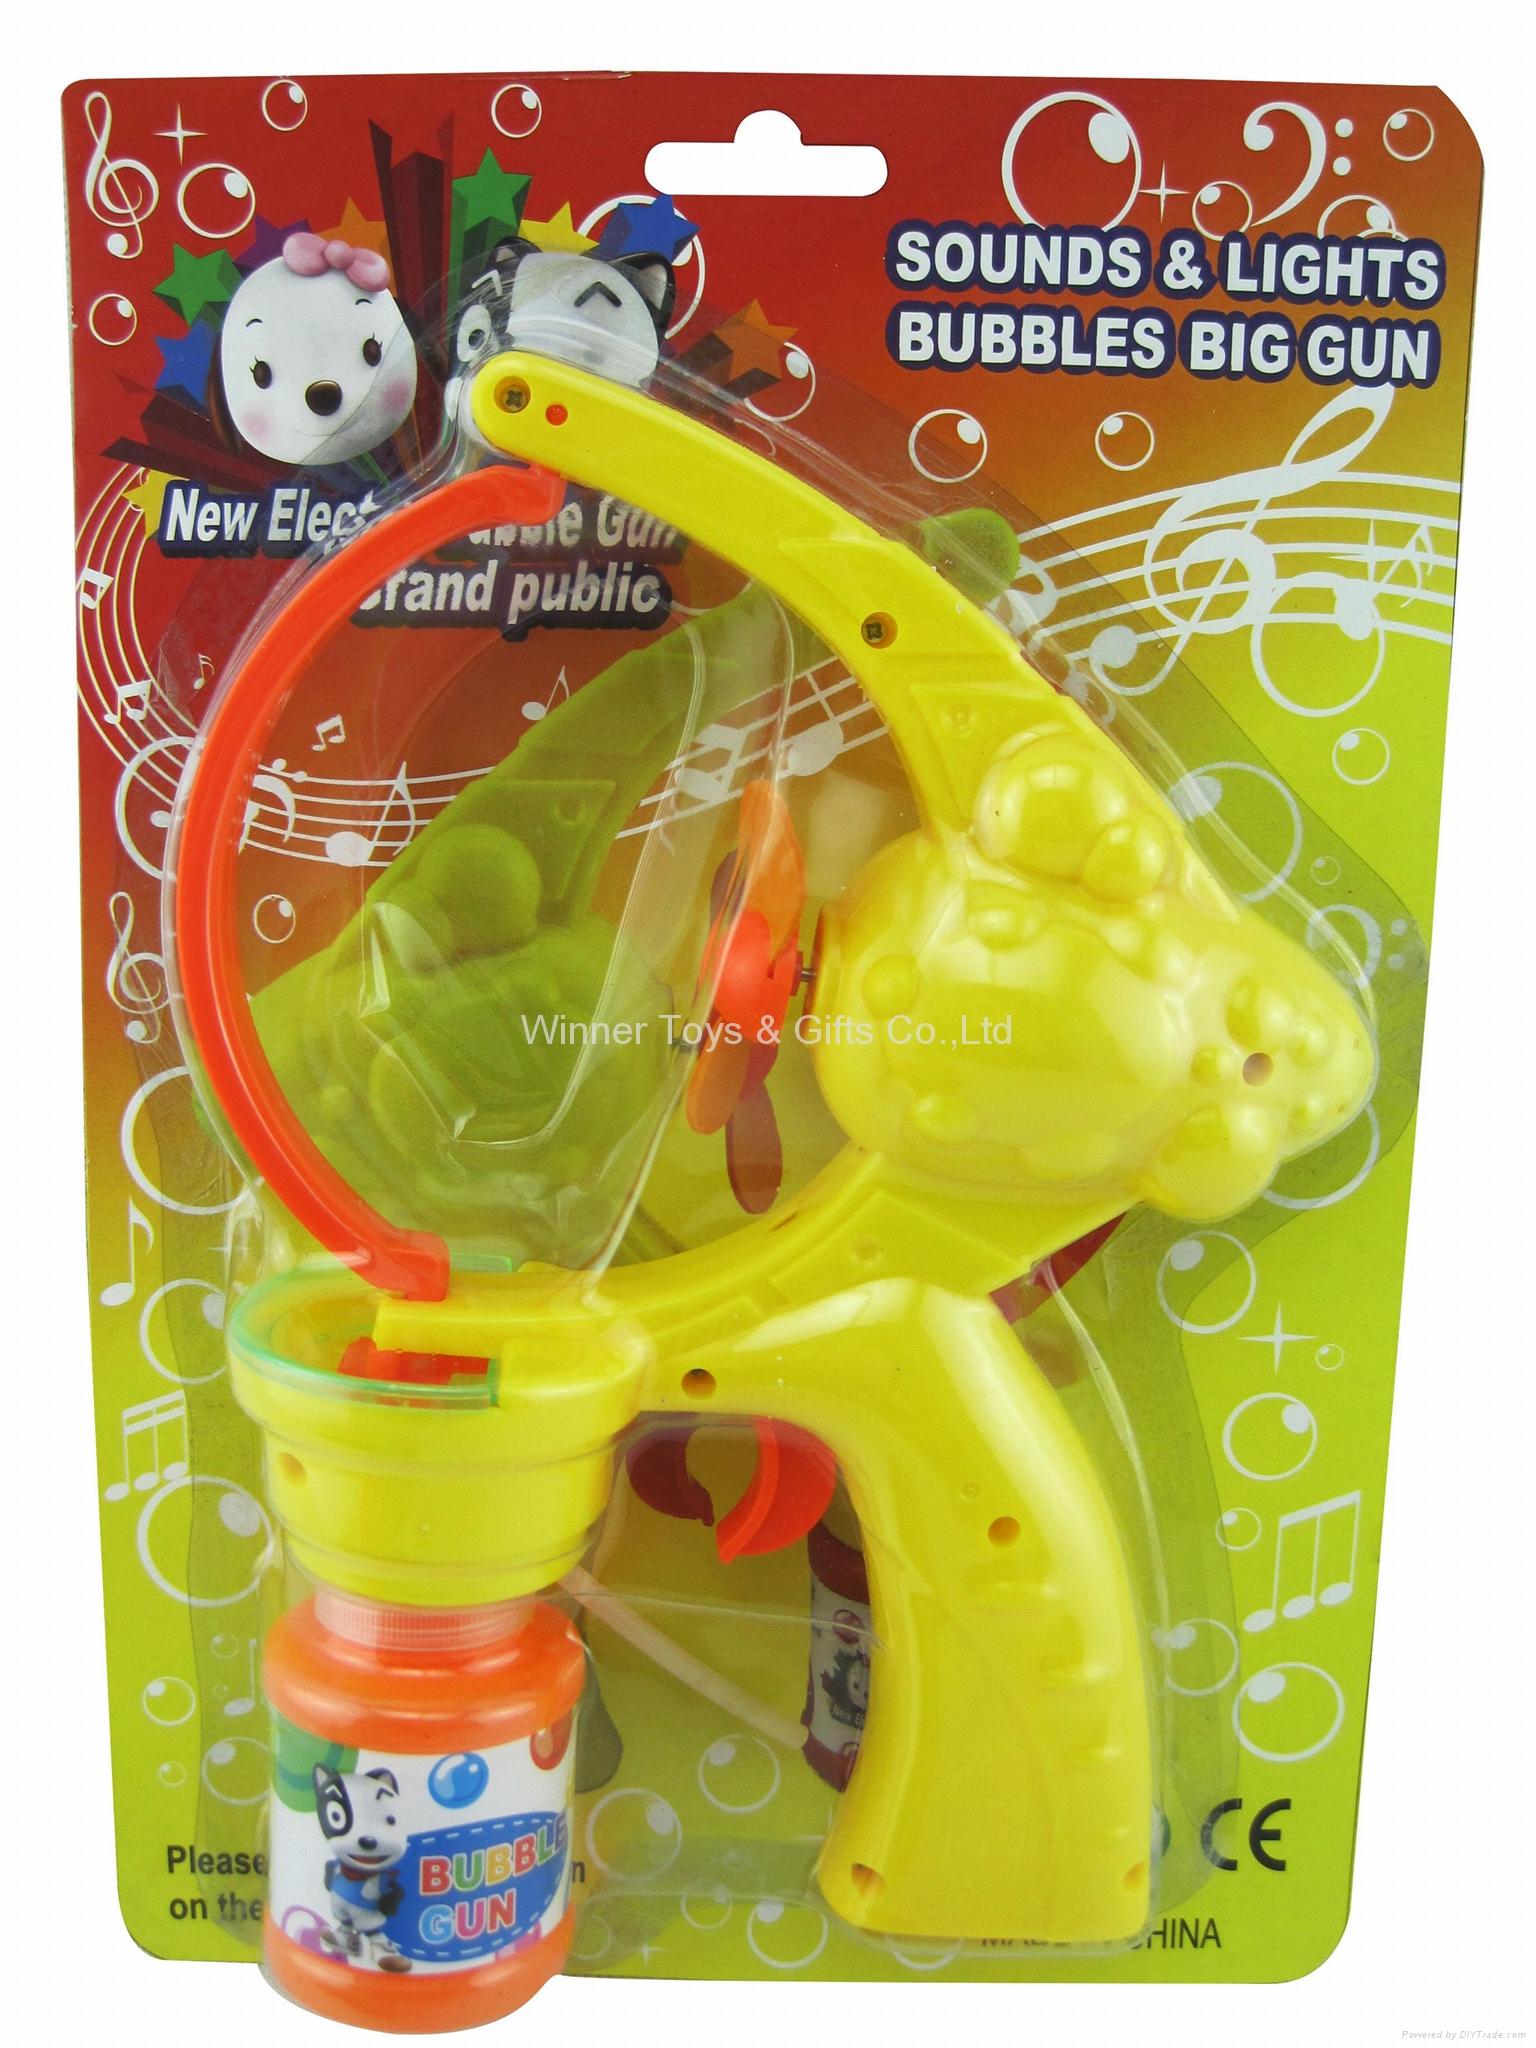 0808 BUBBLE GUN 1